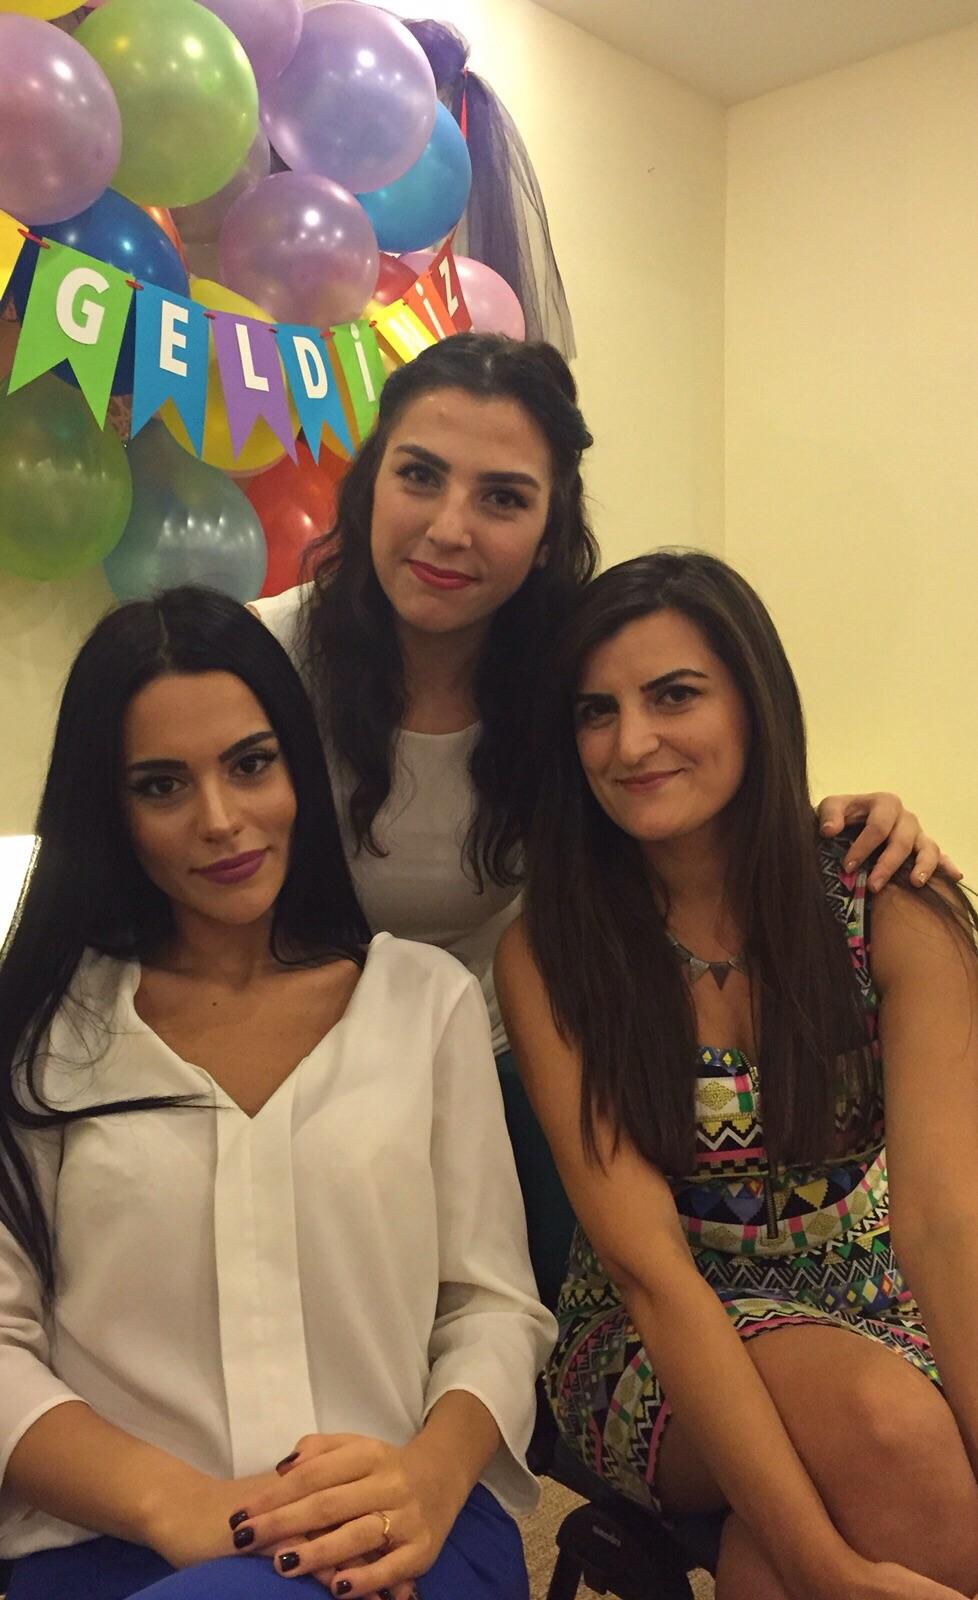 Ankara'da Ürün Tanıtımı Yapacak Bayan Personel Alınacaktır